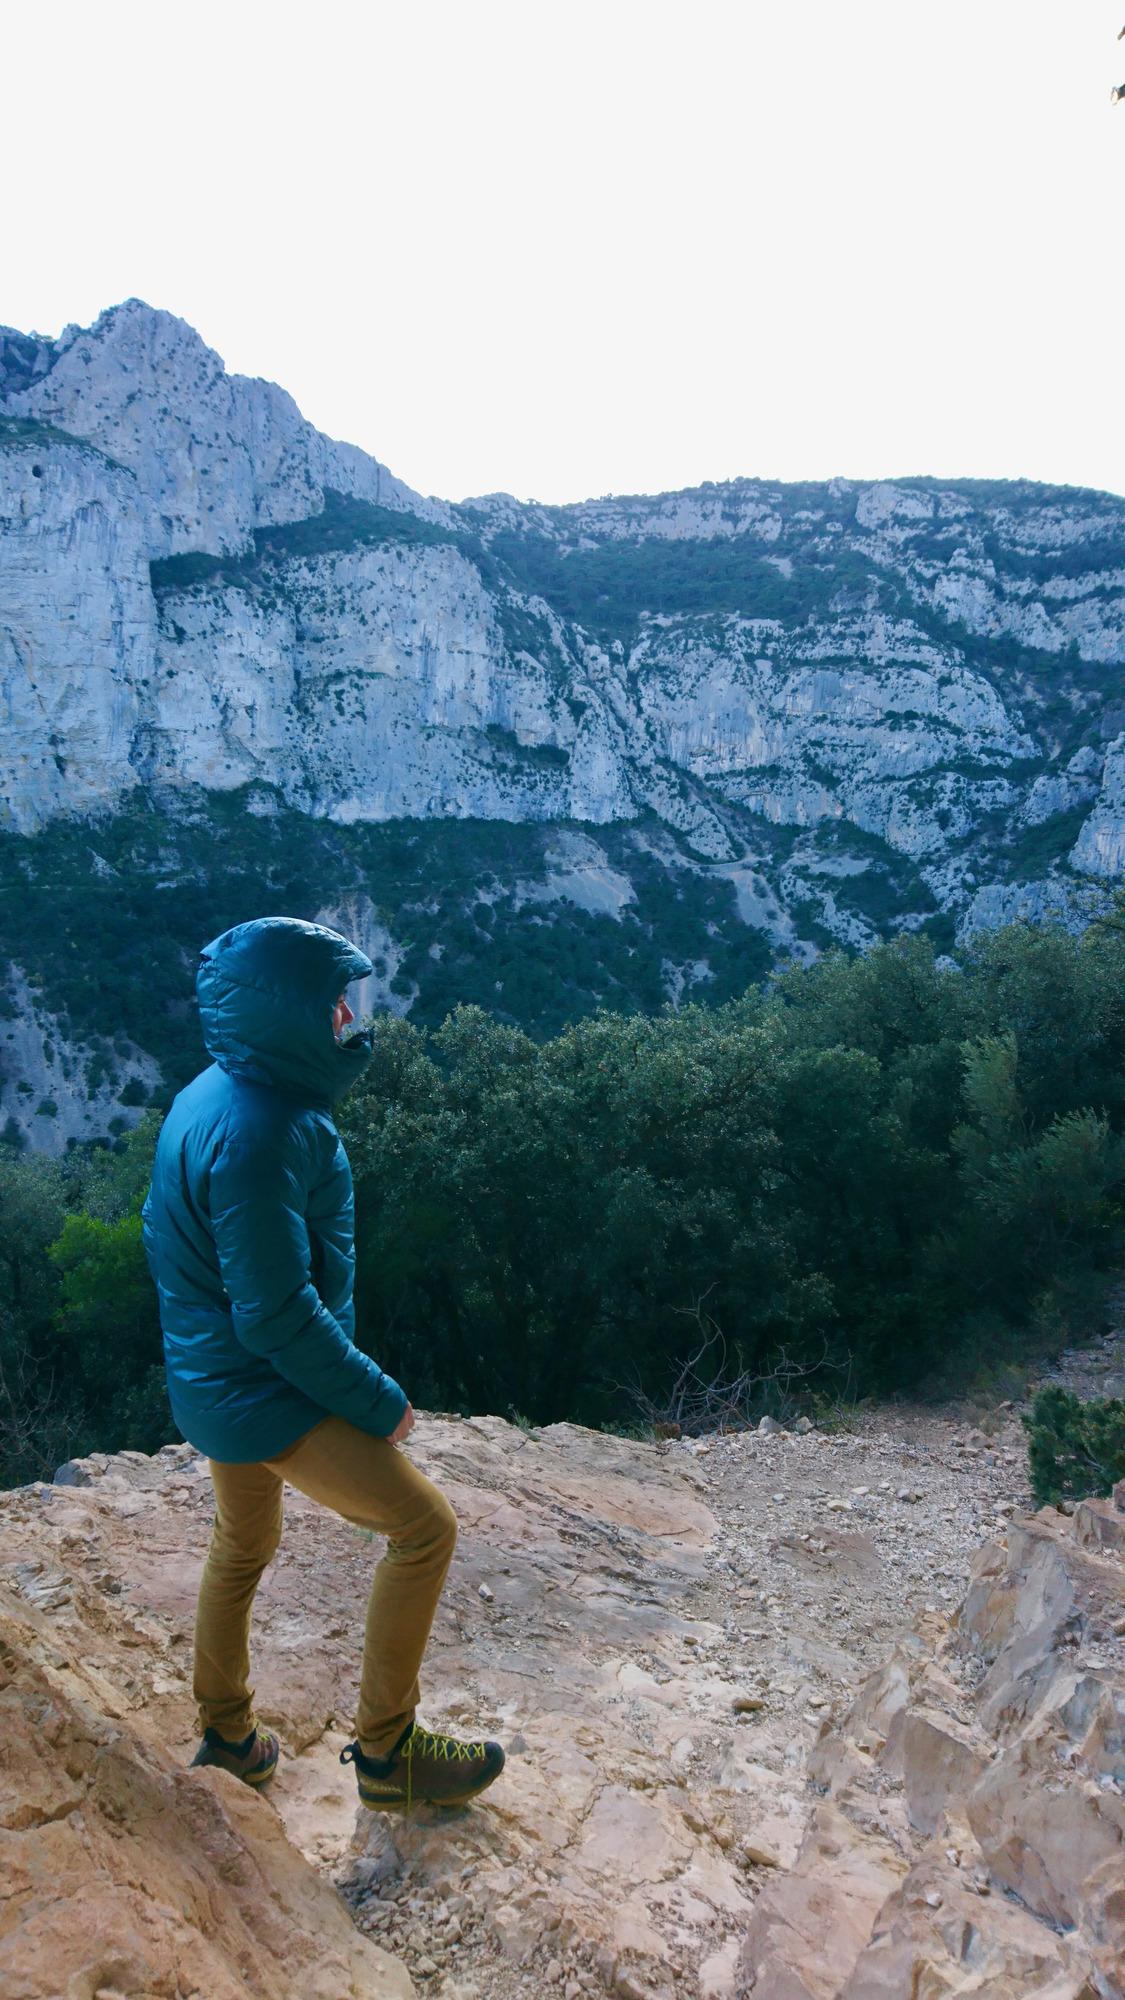 Mountain Hardwear Doudoune Phantom